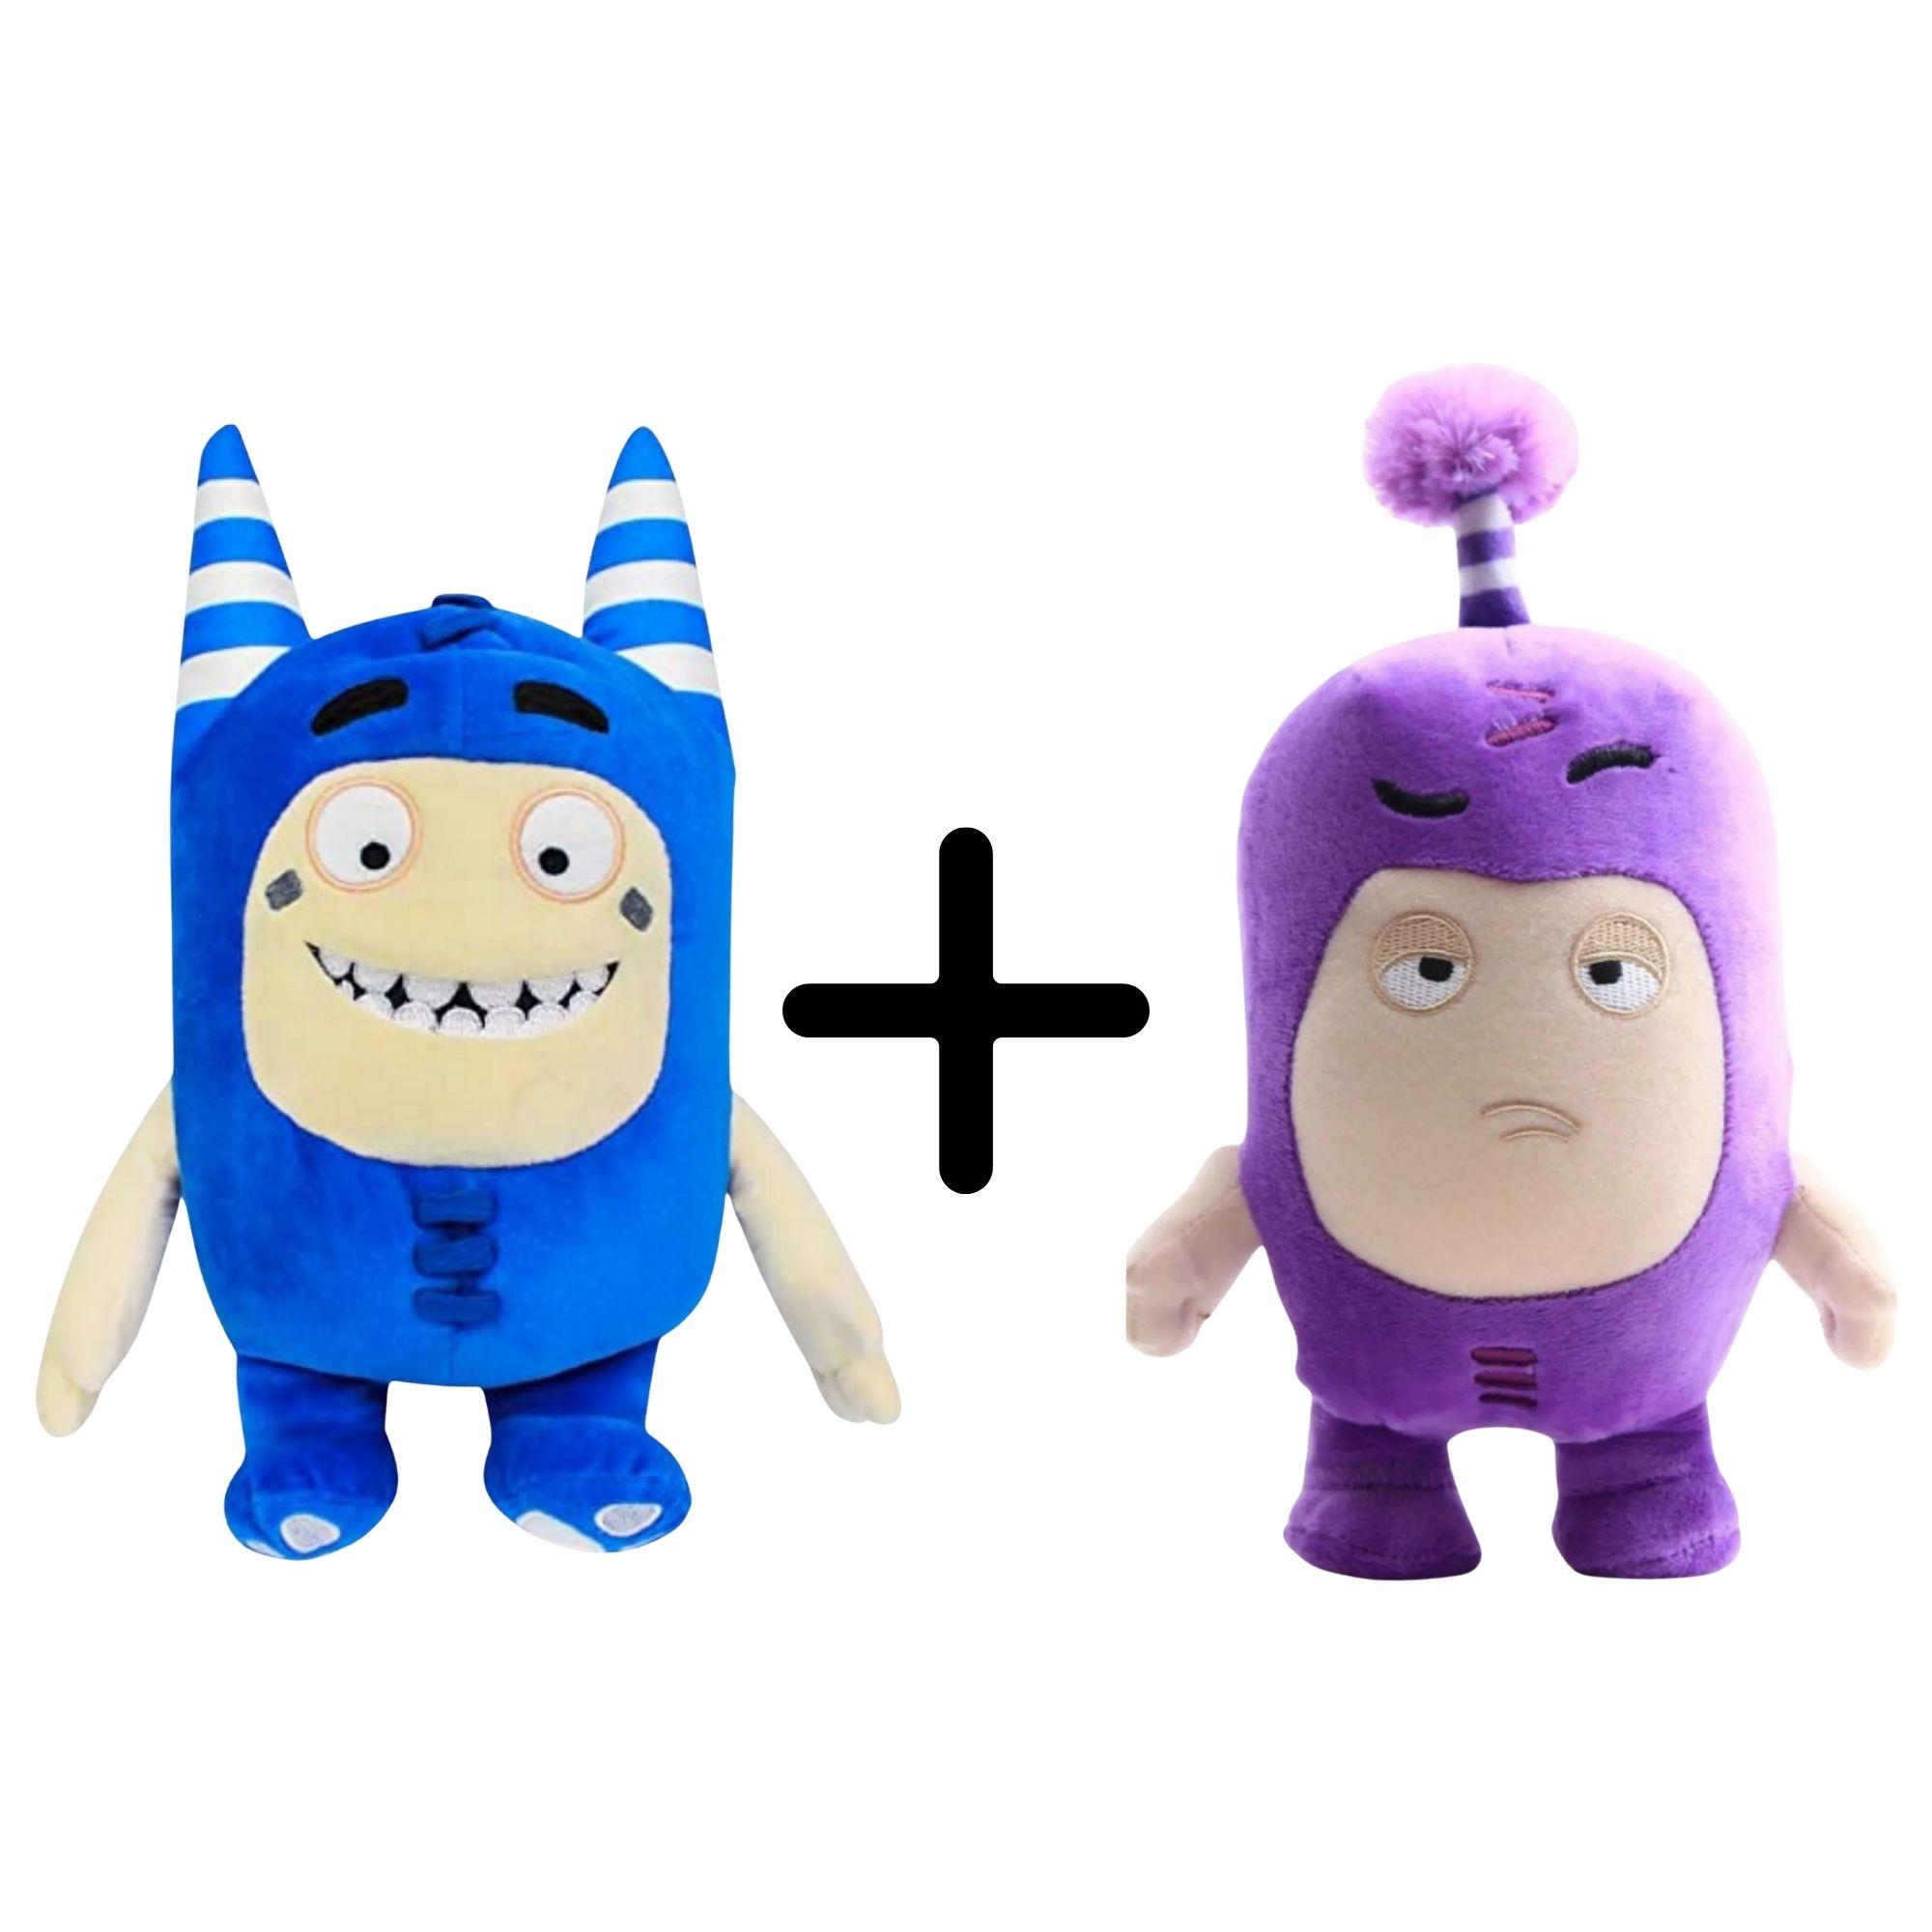 Kit com 2 Bonecos de Pelúcia Oddbods - 1 Azul e 1 Roxo - Pogo e Jeff  - Game Land Brinquedos